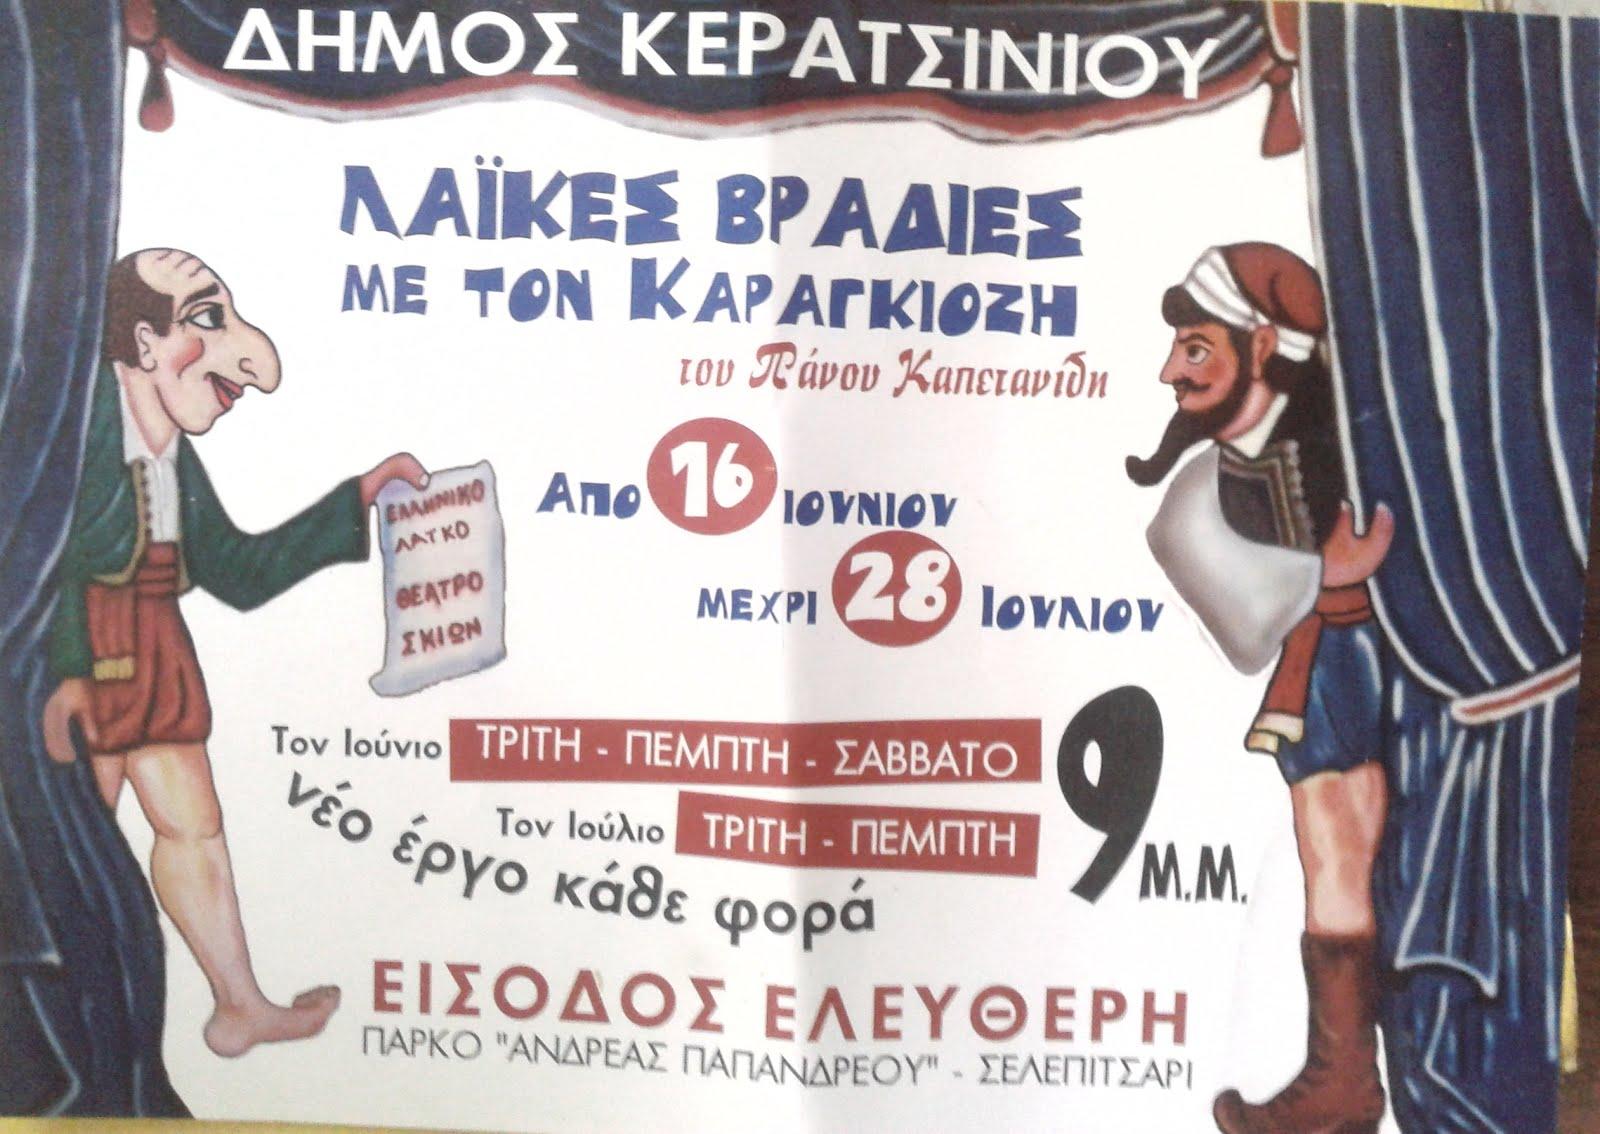 ΚΑΡΑΚΙΟΖΗΣ - ΧΑΤΖΙΑΒΑΤΗΣ